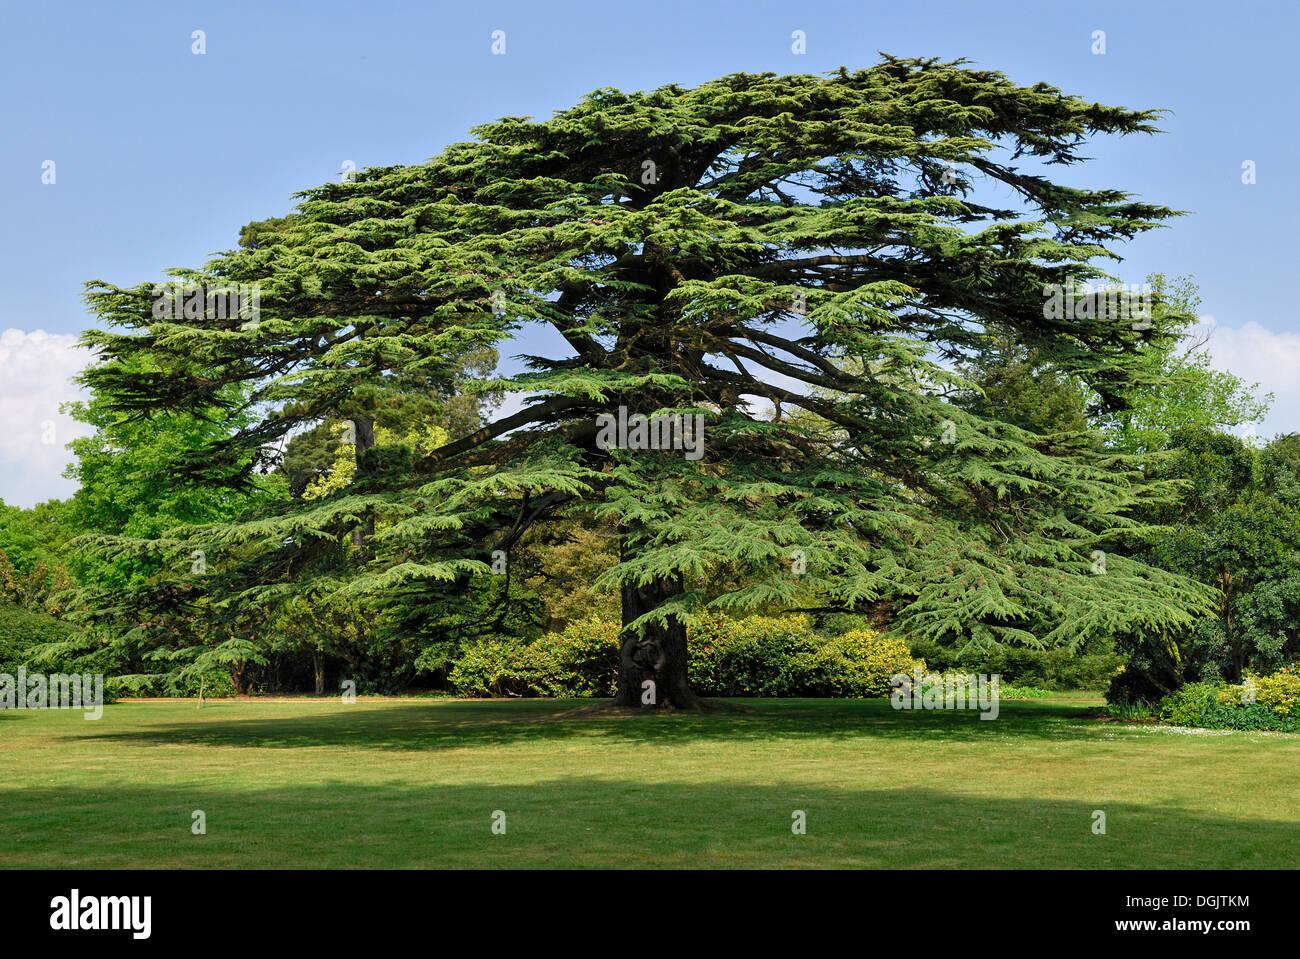 Old Lebanon Cedar Cedrus Libani